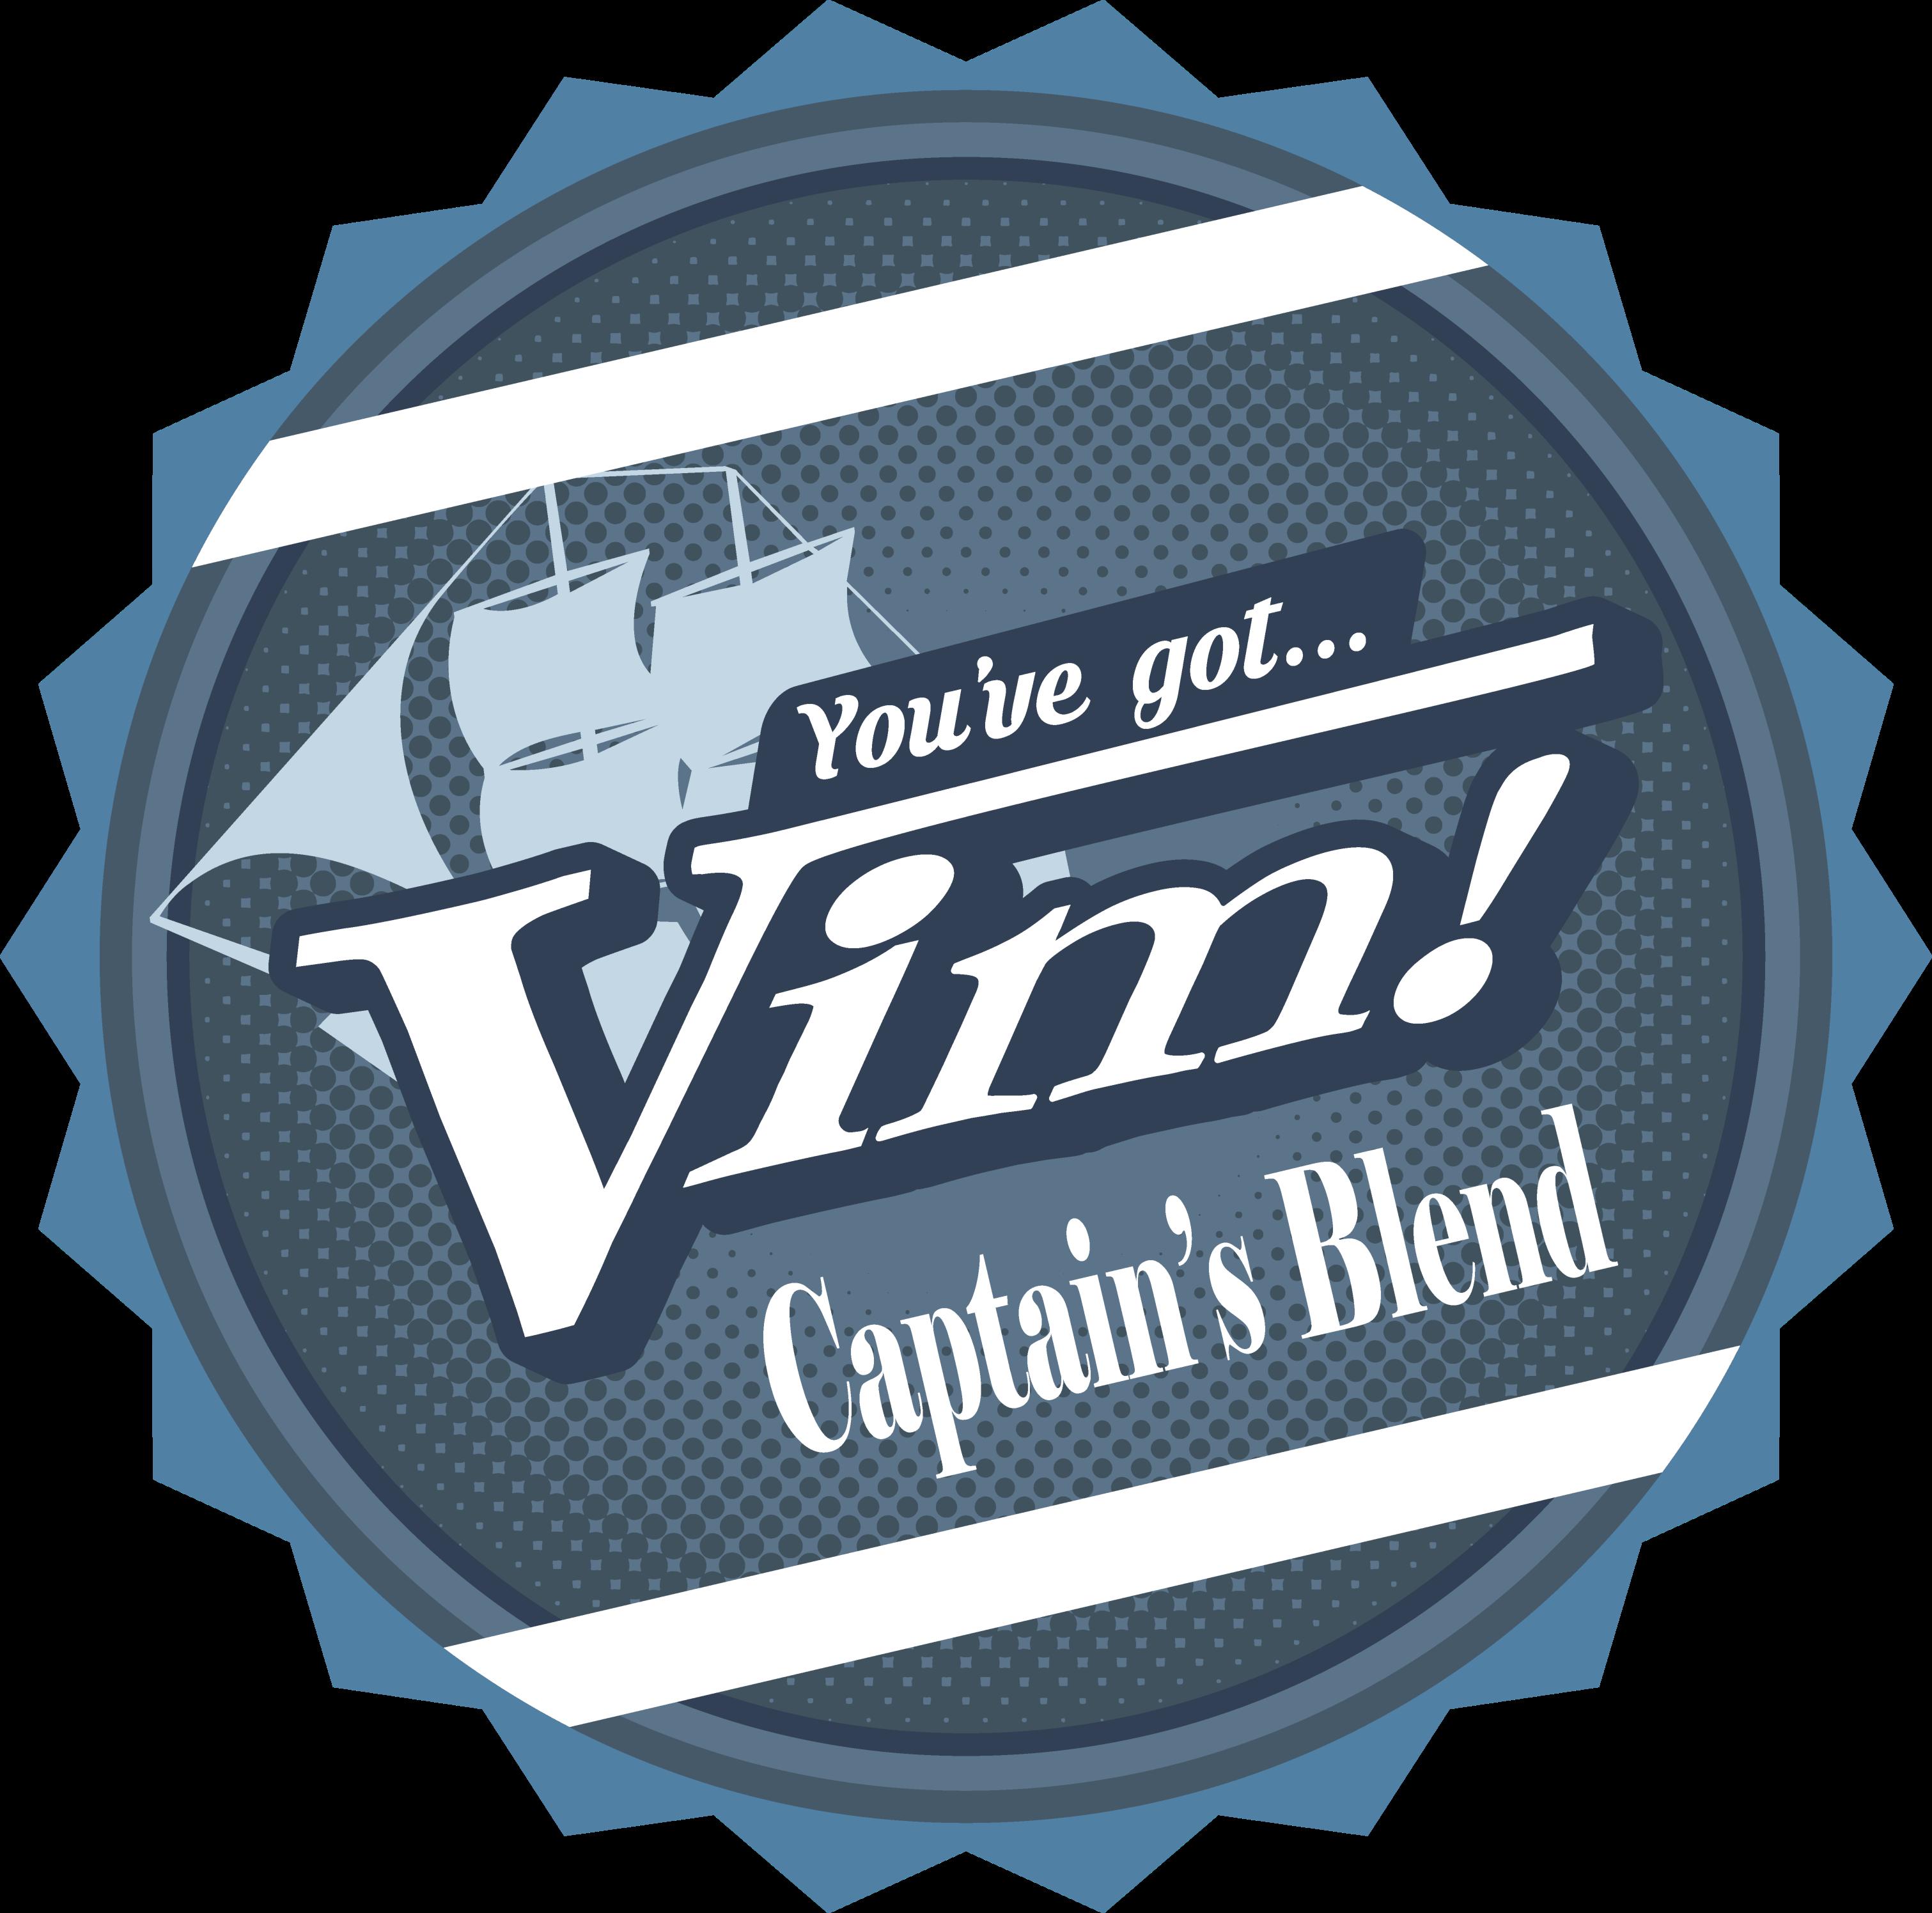 Vimcaptainsblendcapnoedge